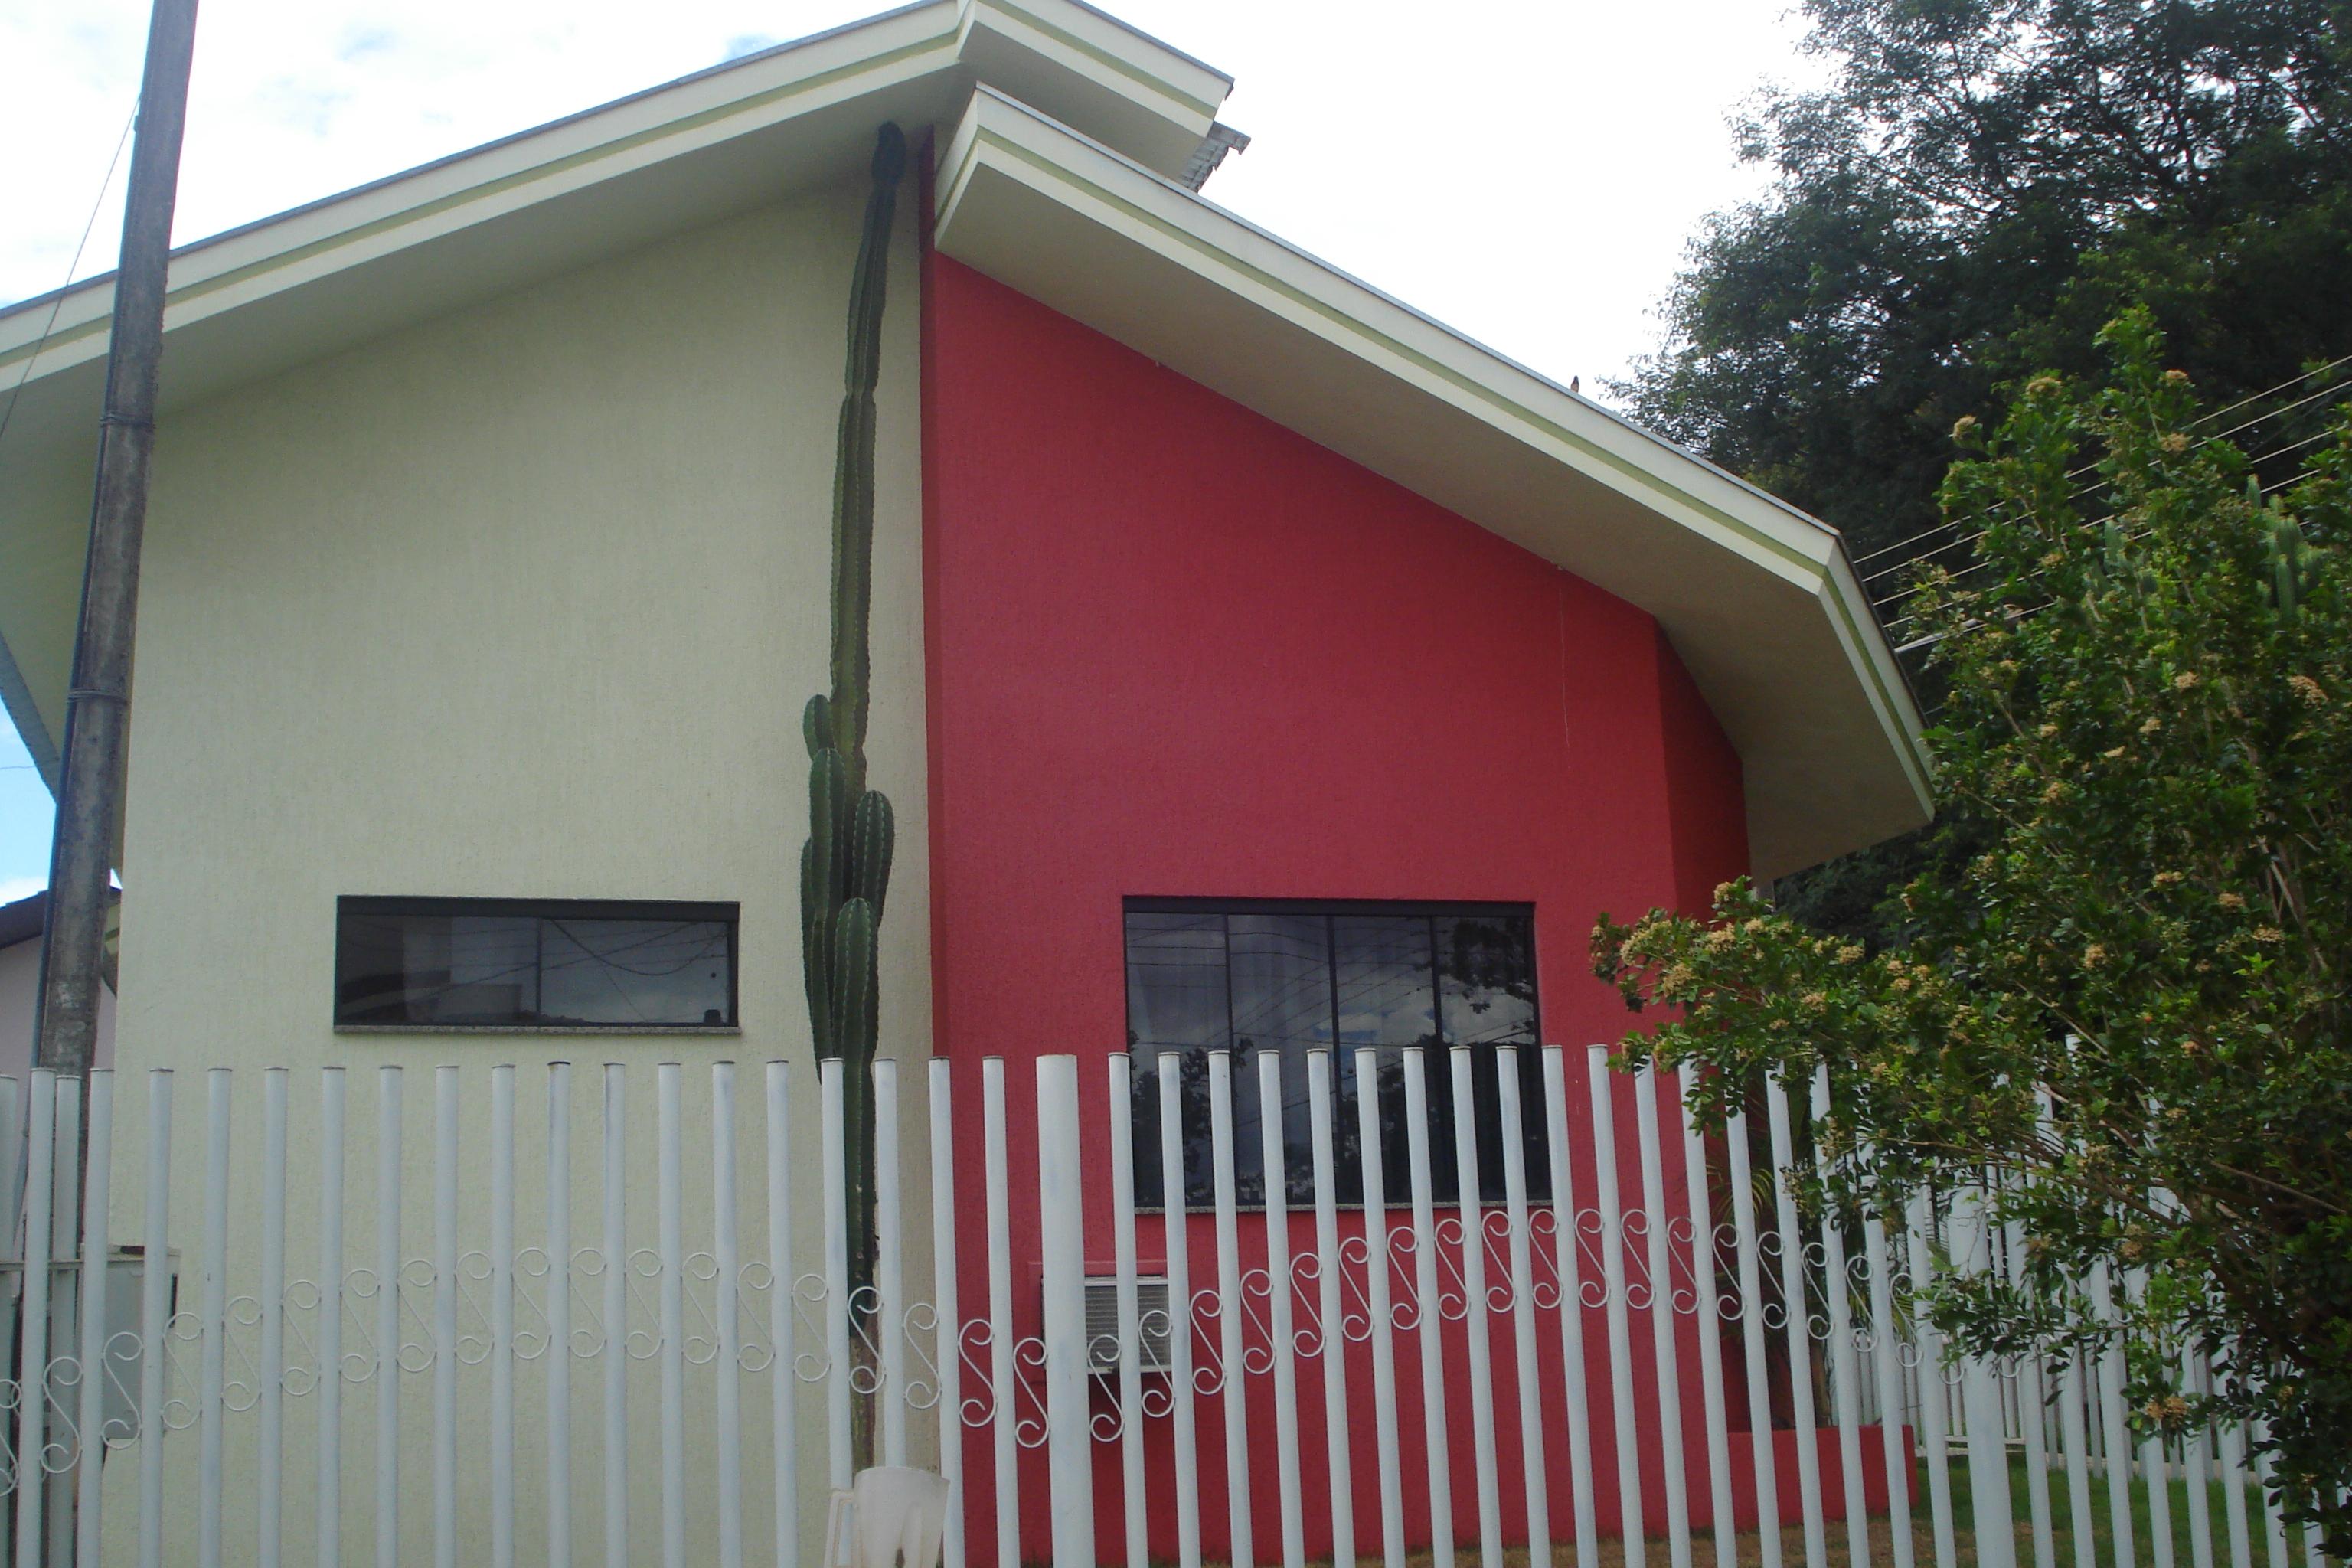 Imobiliaria Palotina #752F37 3072x2048 Banheiro Com Banheira Metragem